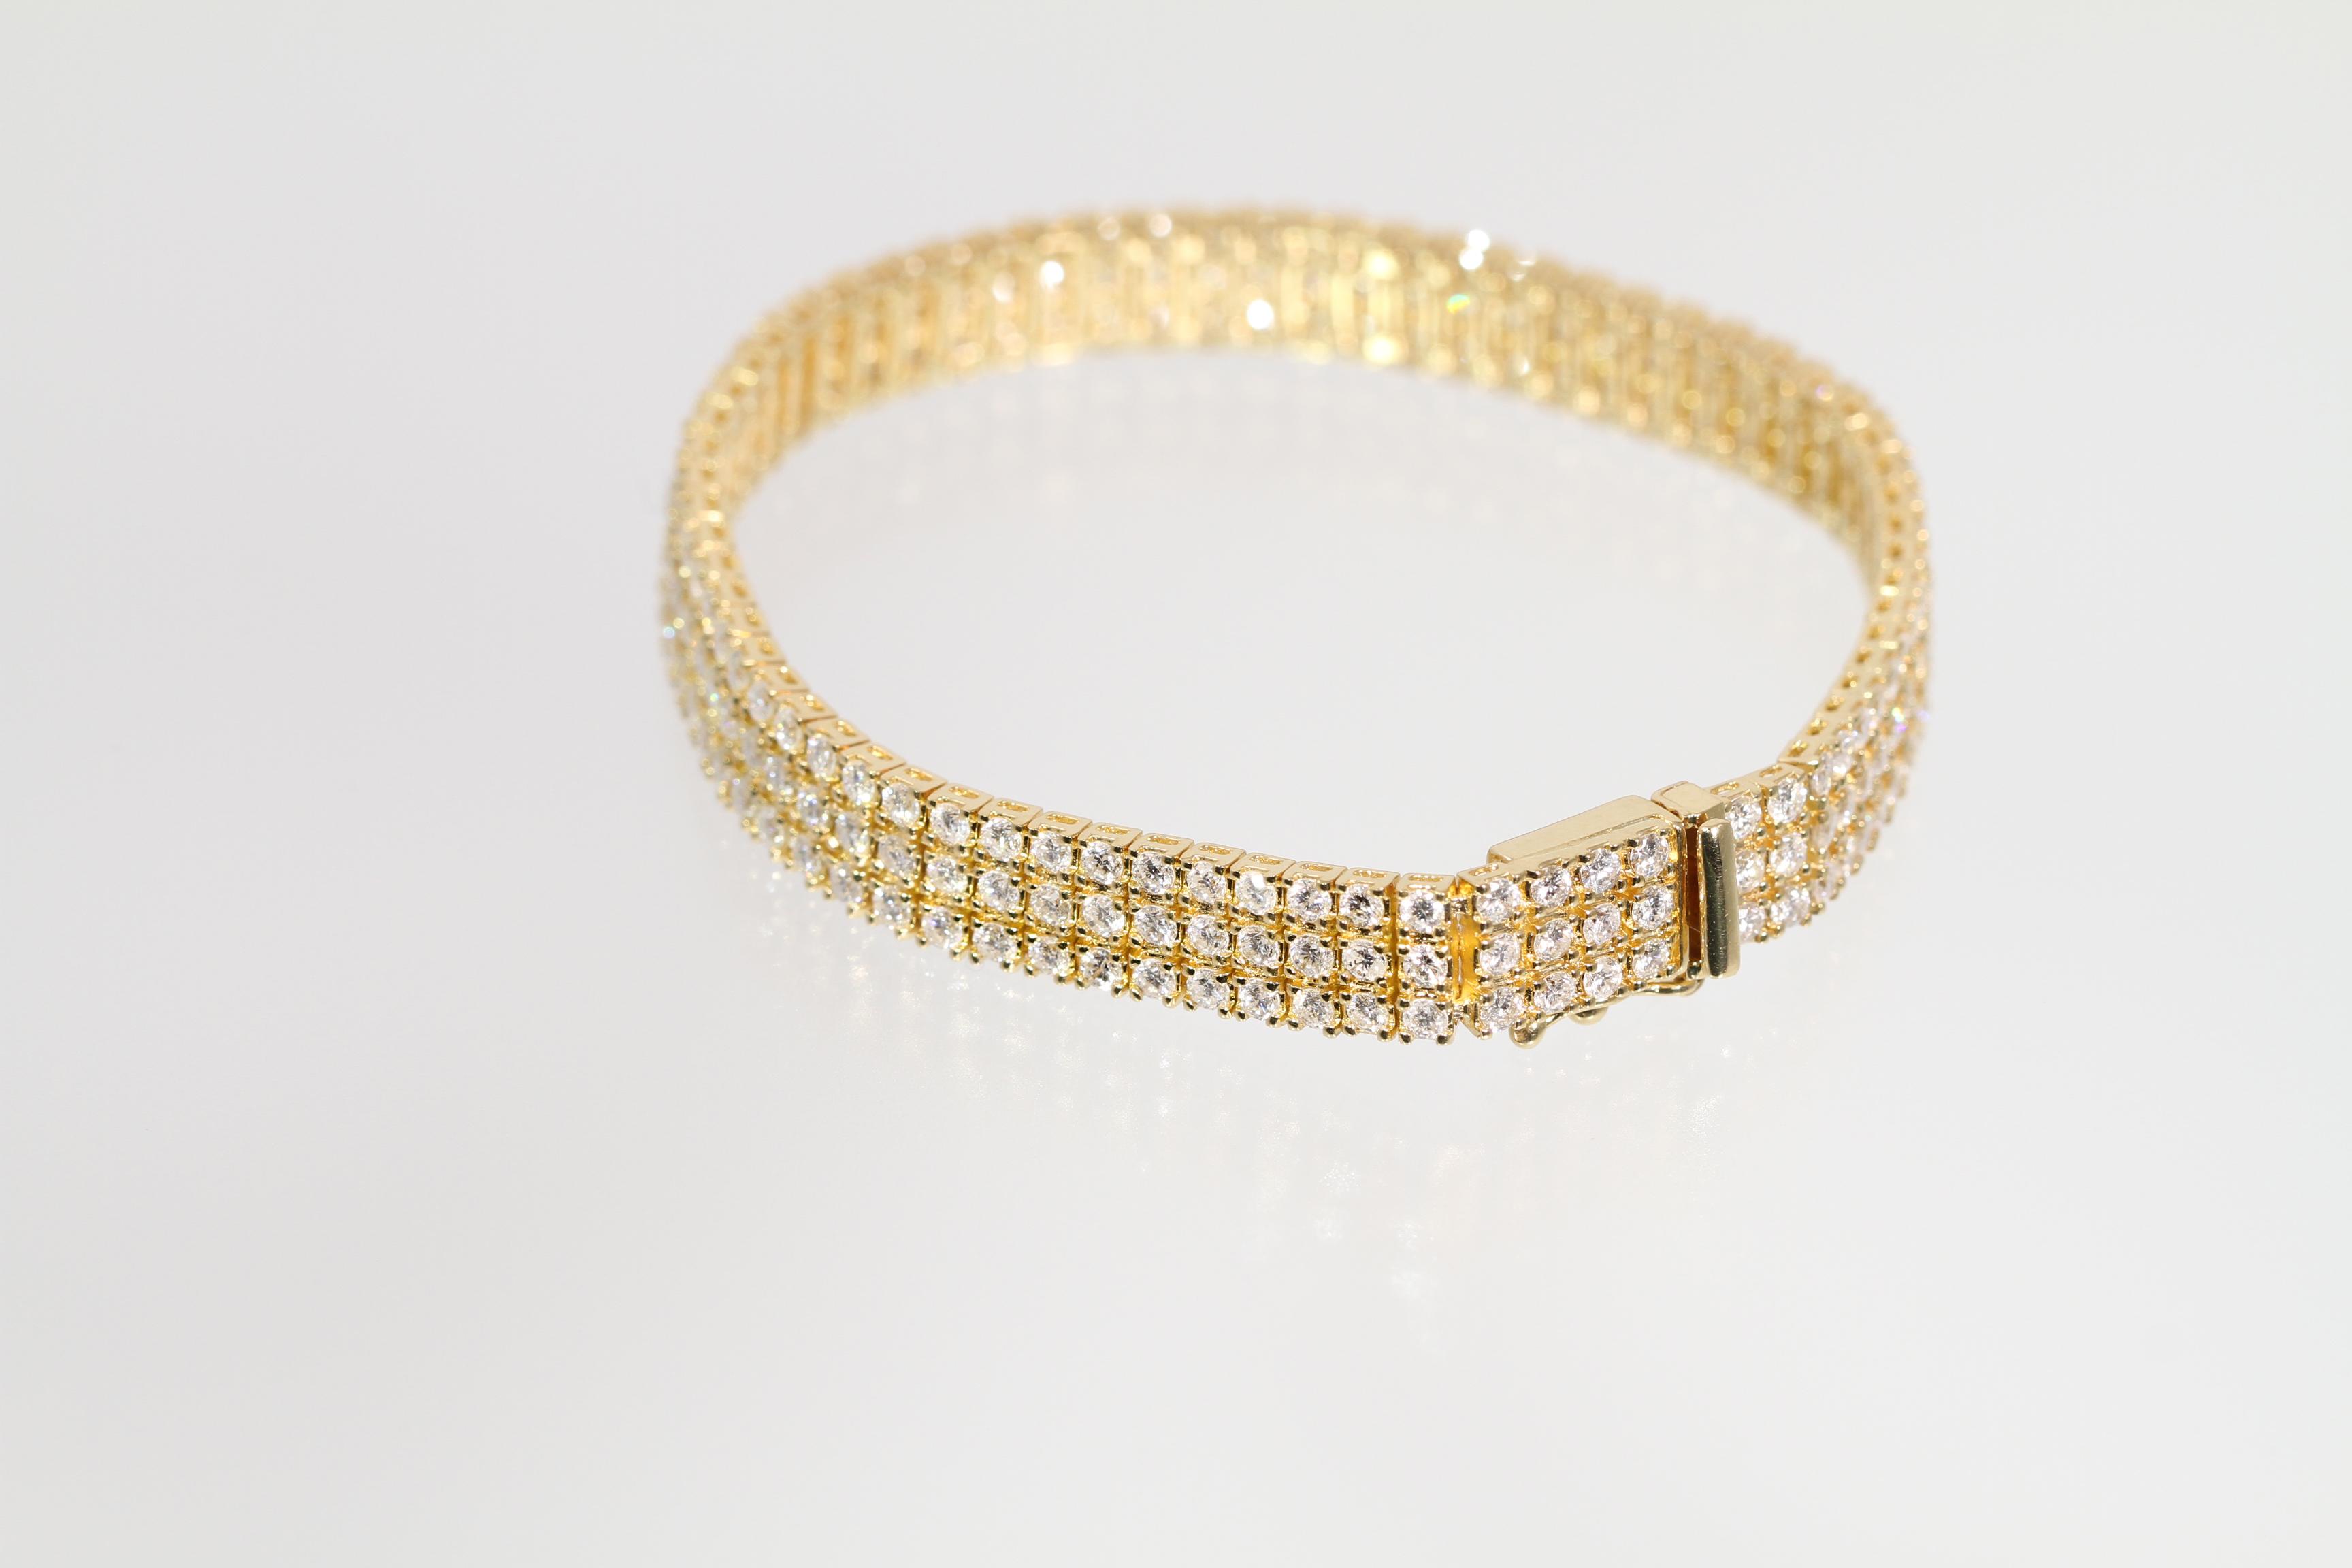 【今だけ大幅値下げ!】K18 6.44ct ダイヤモンドブレスレット